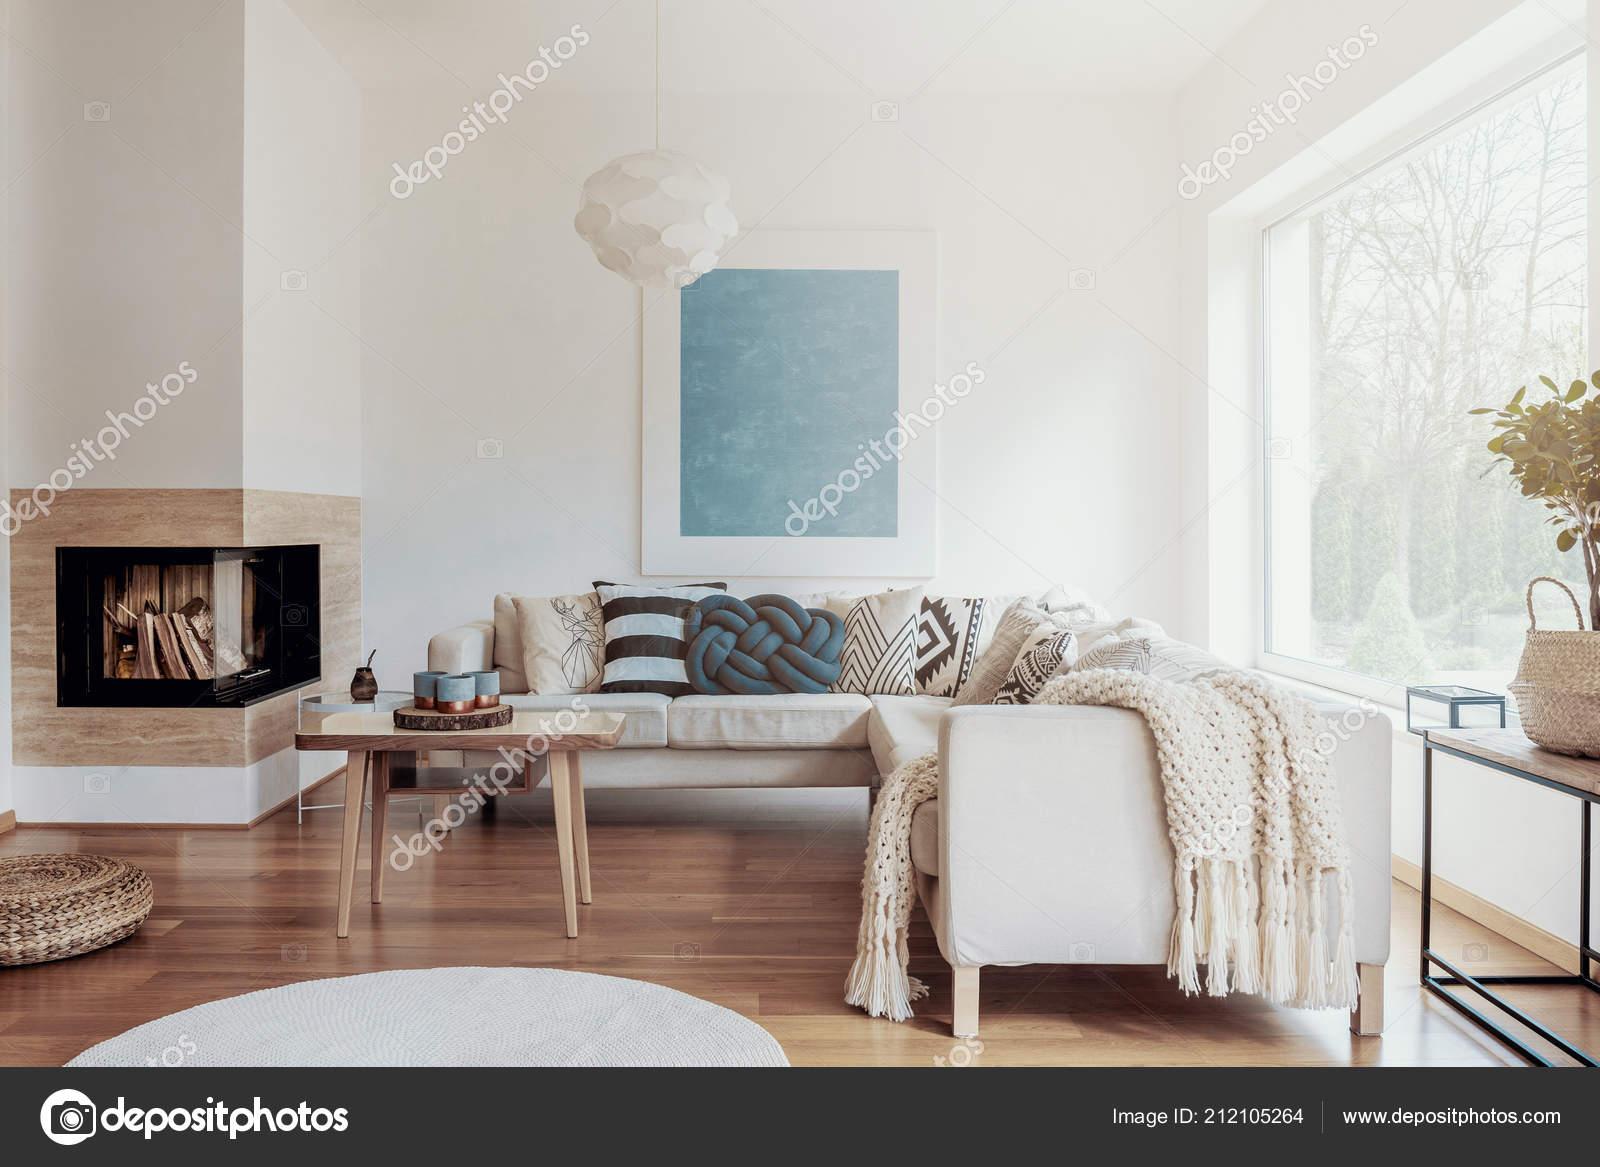 Cheminee Angle Moderne Dans Decor Salon Ensoleille Paisible Aux Murs